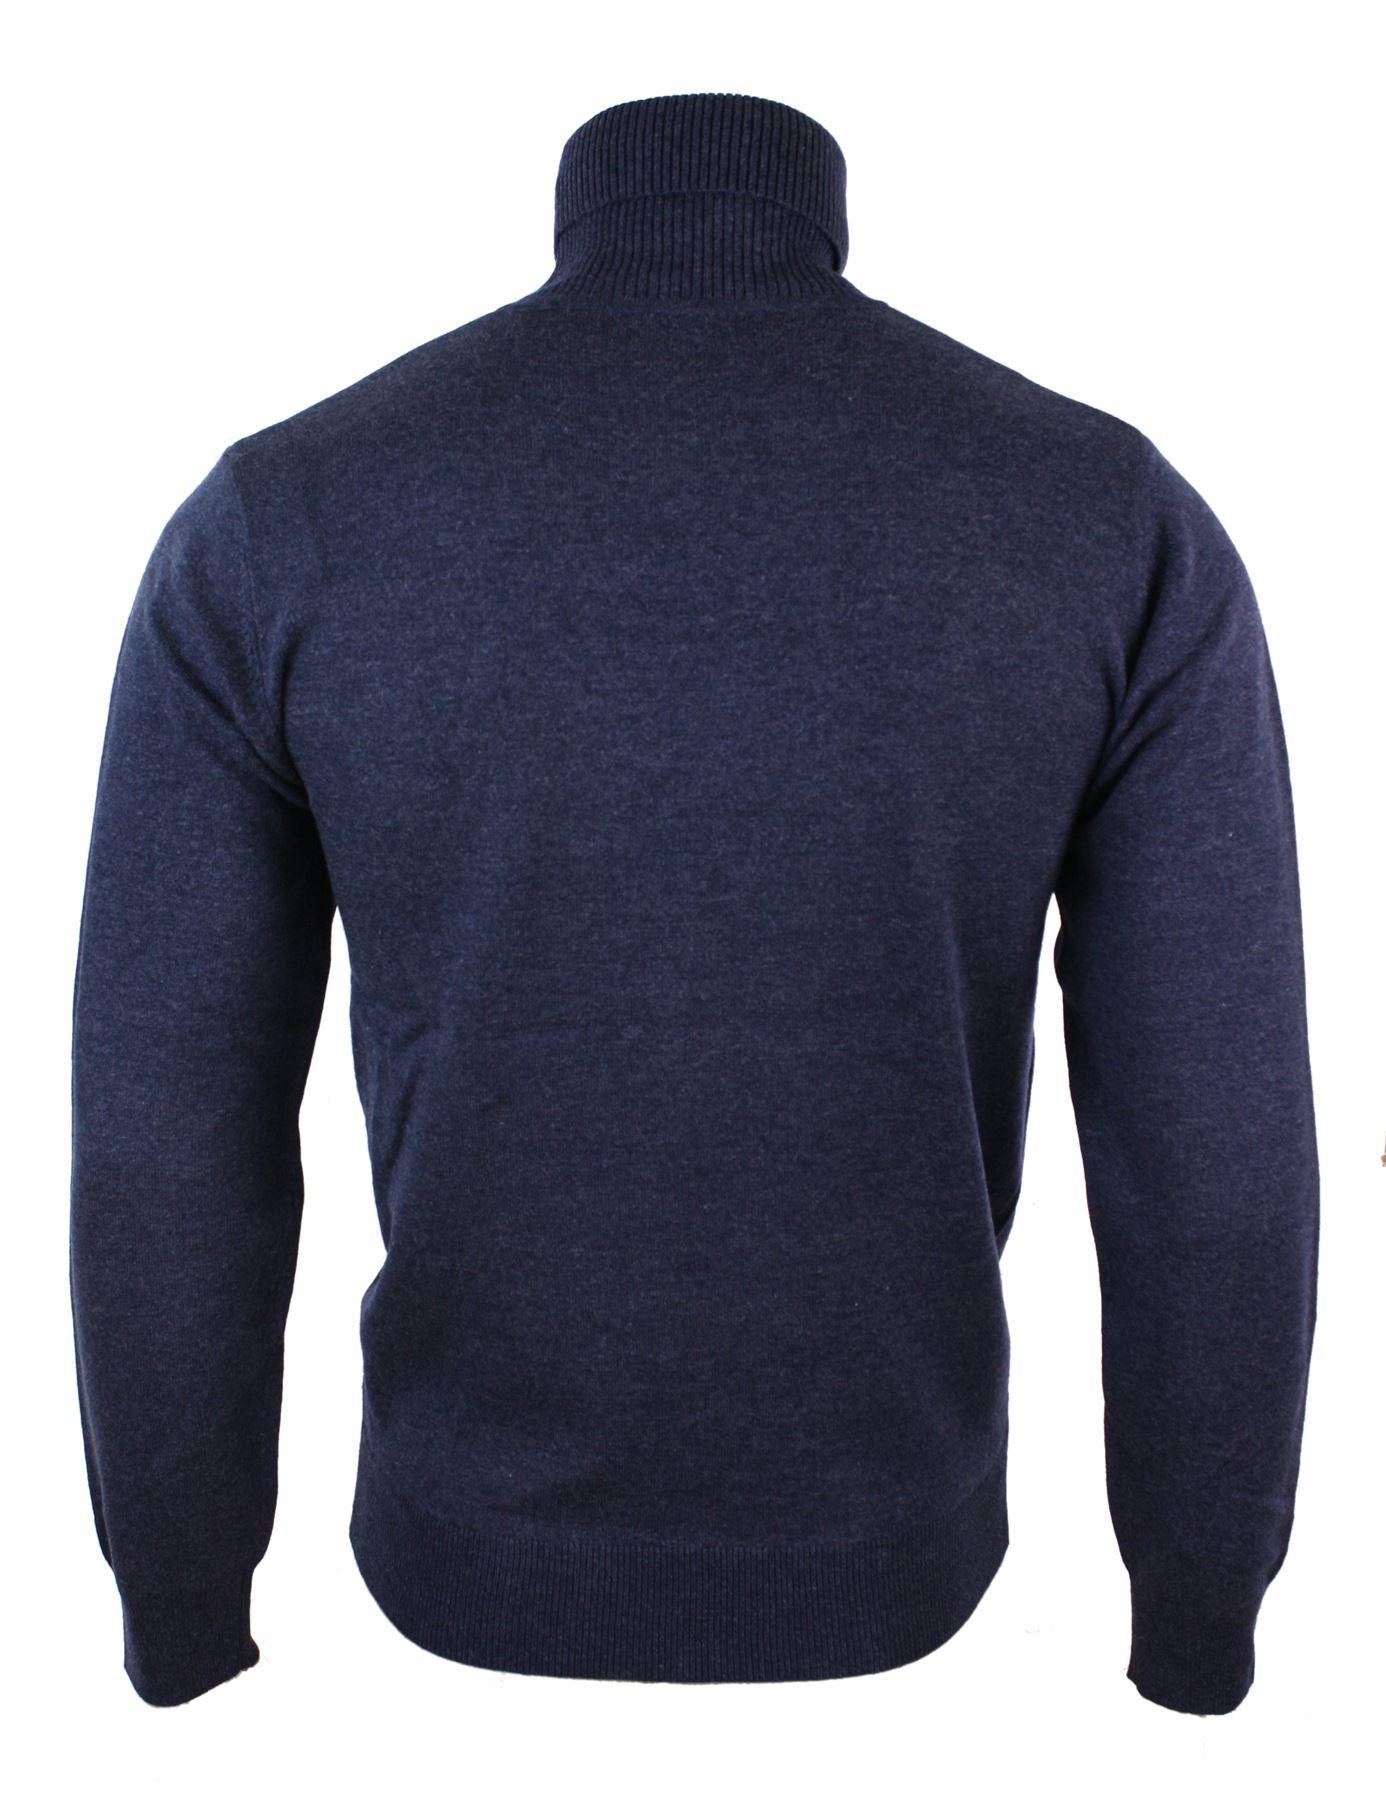 Mens Slim Fit Polar Roll Neck Jumper Light Fit Cashmere Wool Blend Grey Black Na